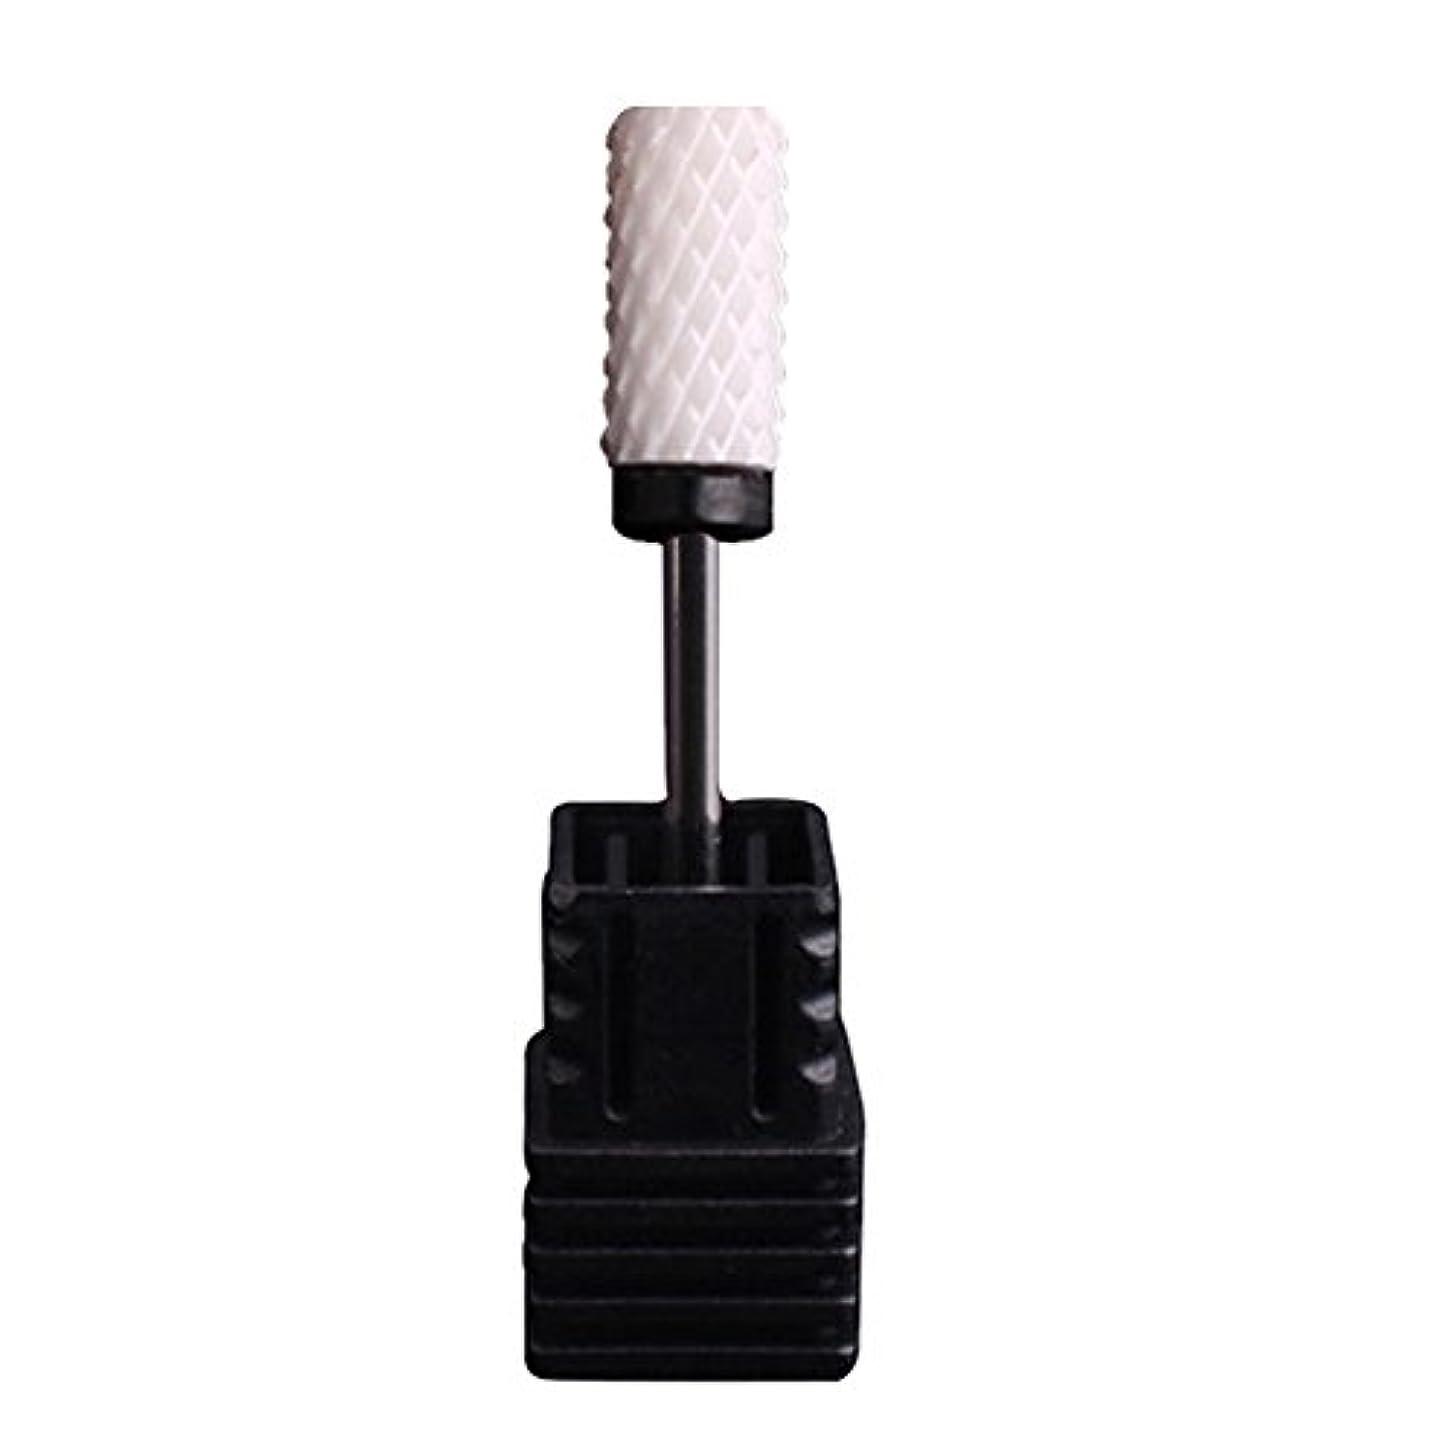 サイト不調和親TerGOOSE 陶磁器ドリルビット ネイルマシンビット 研削ネイル ネイルドリルビット ネイルマシーン用ビット 爪ドリルビット 交換用品 耐摩耗性 耐腐食性 高硬度 硬質セラミックドリルビット(XC)